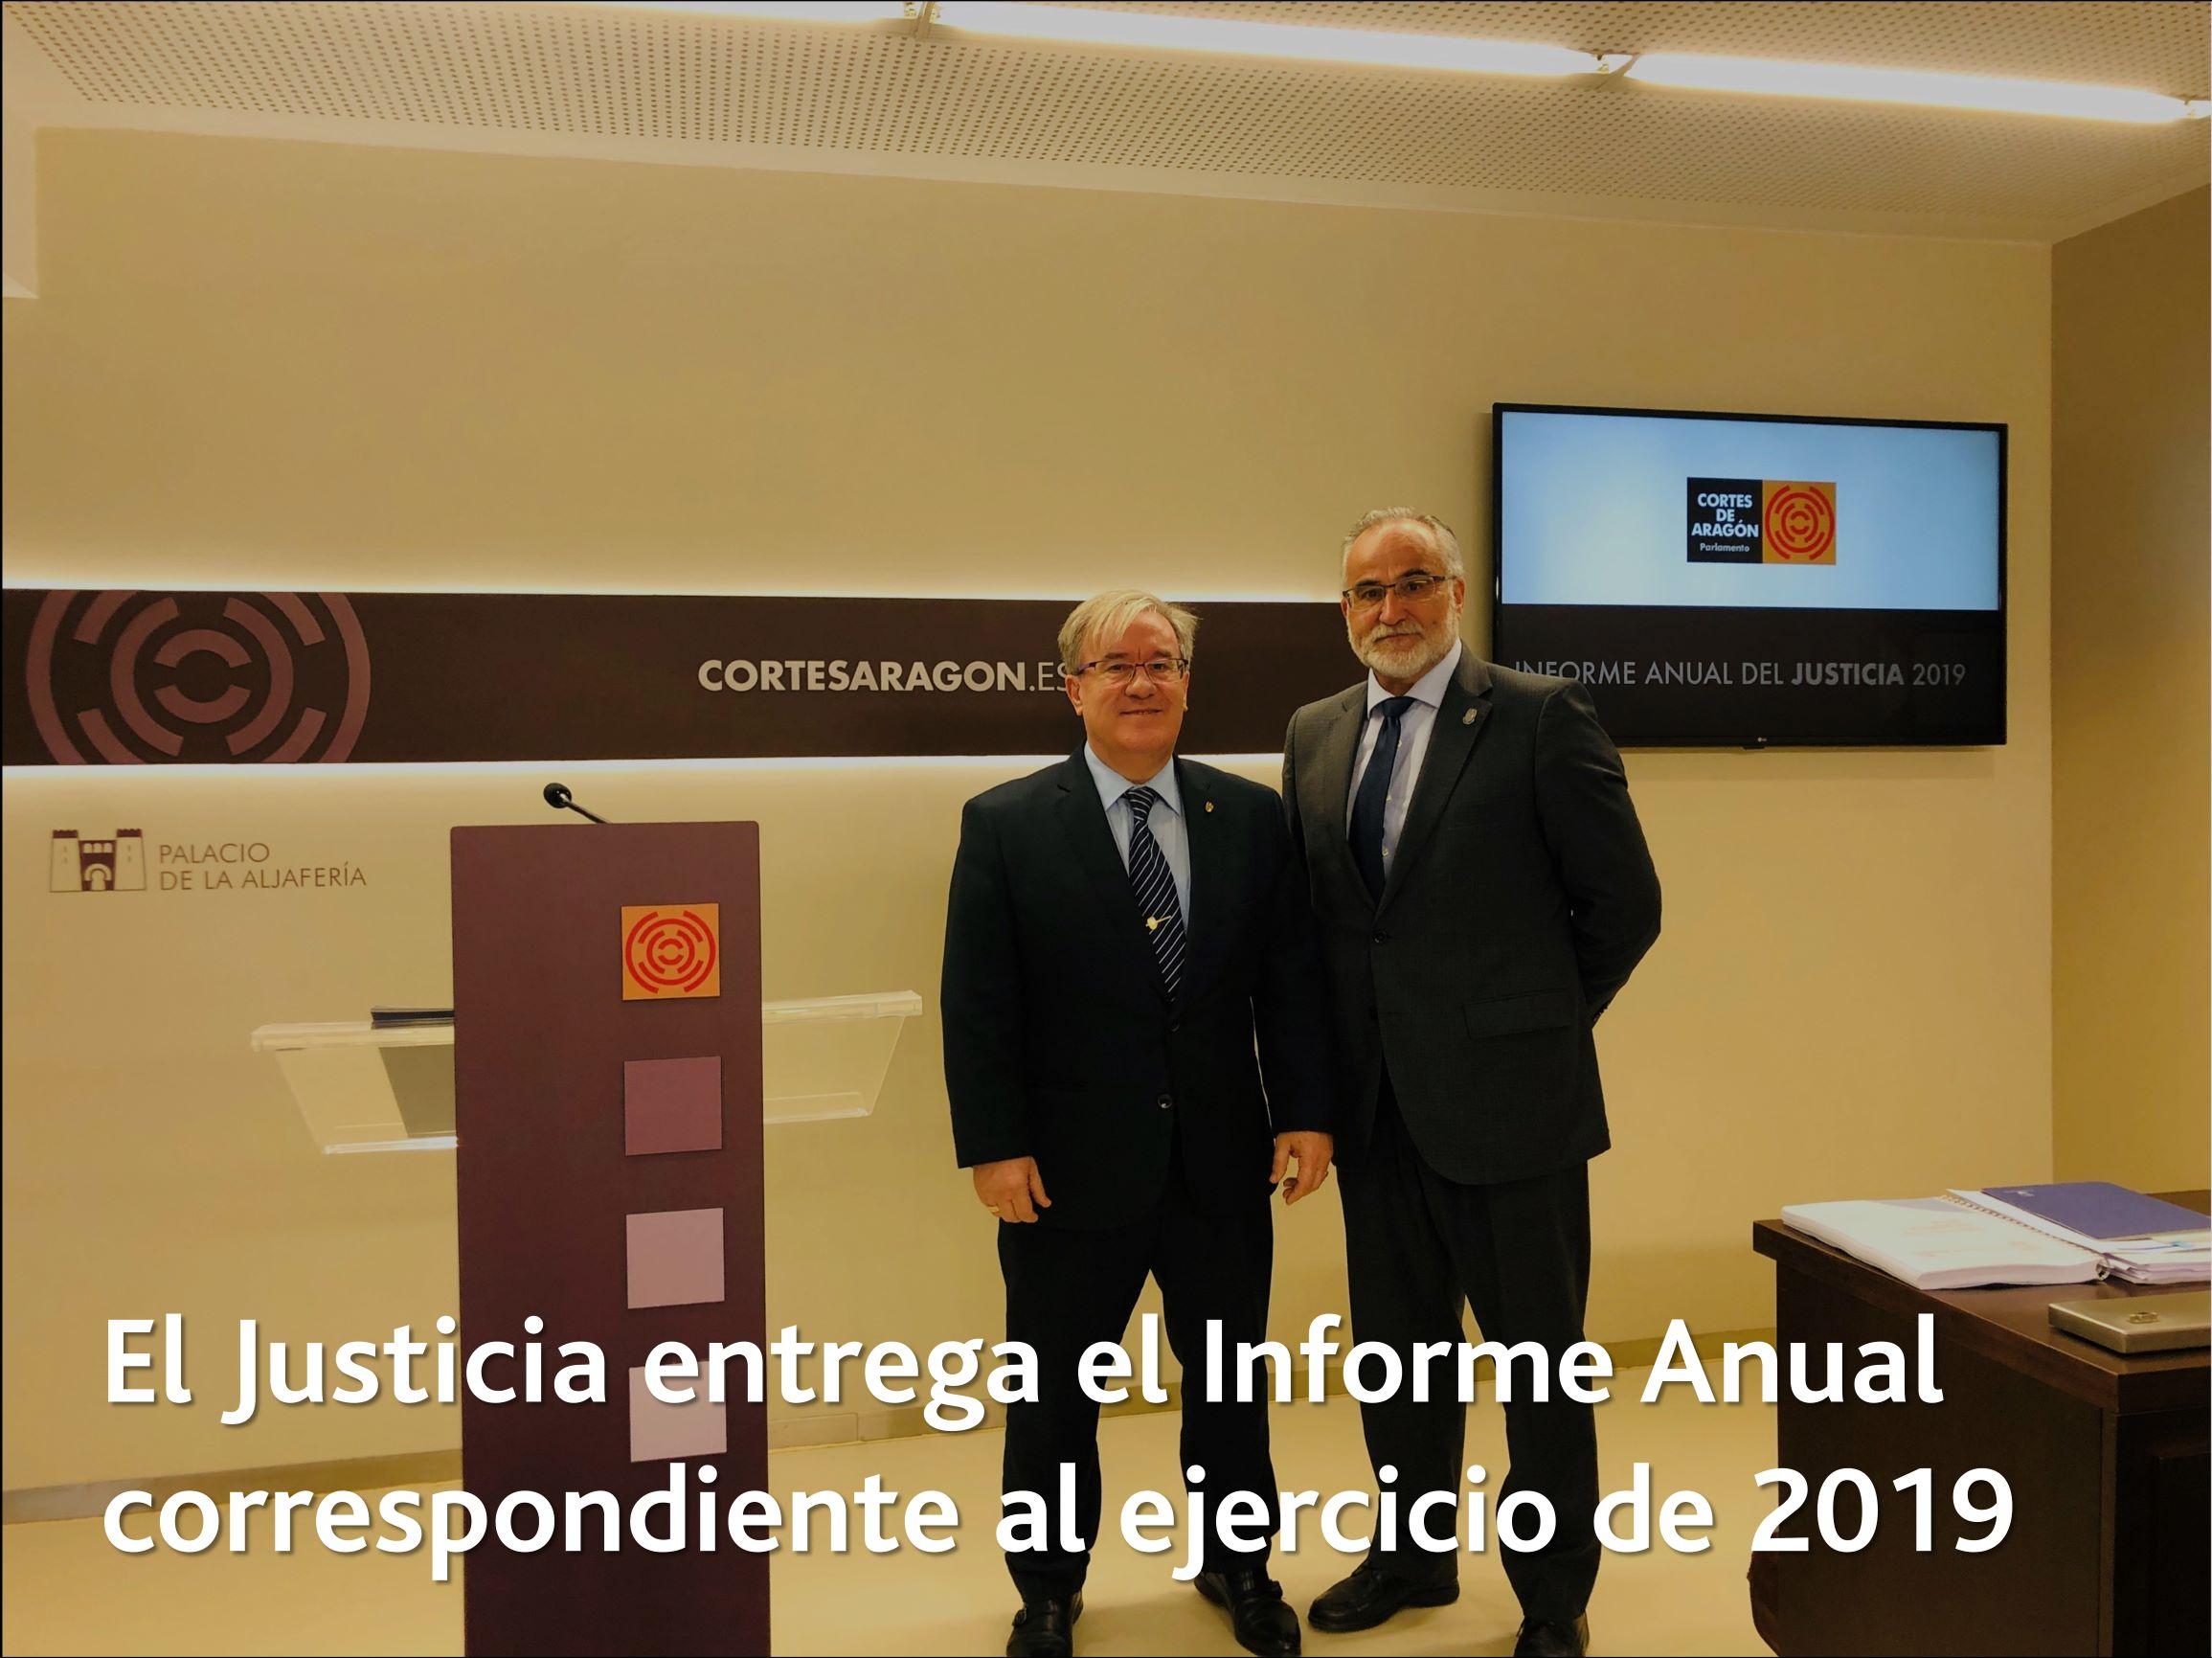 El Justicia entrega el Informe correspondiente a 2019